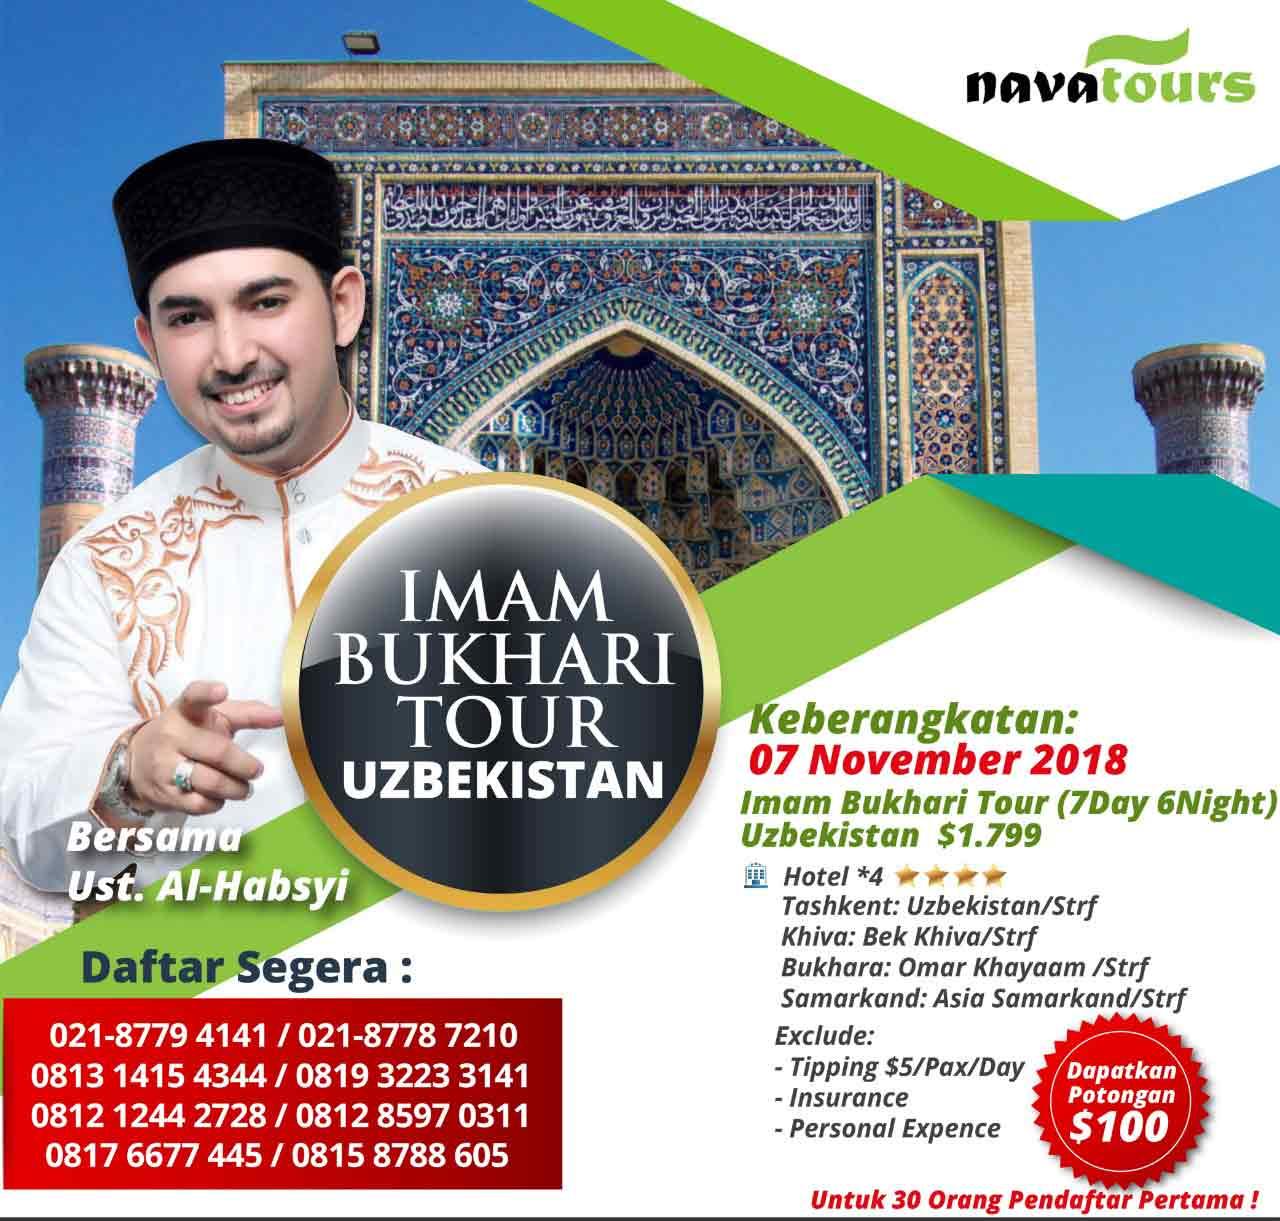 paket wisata uzbekistan - imam bukhori tour - nava tour